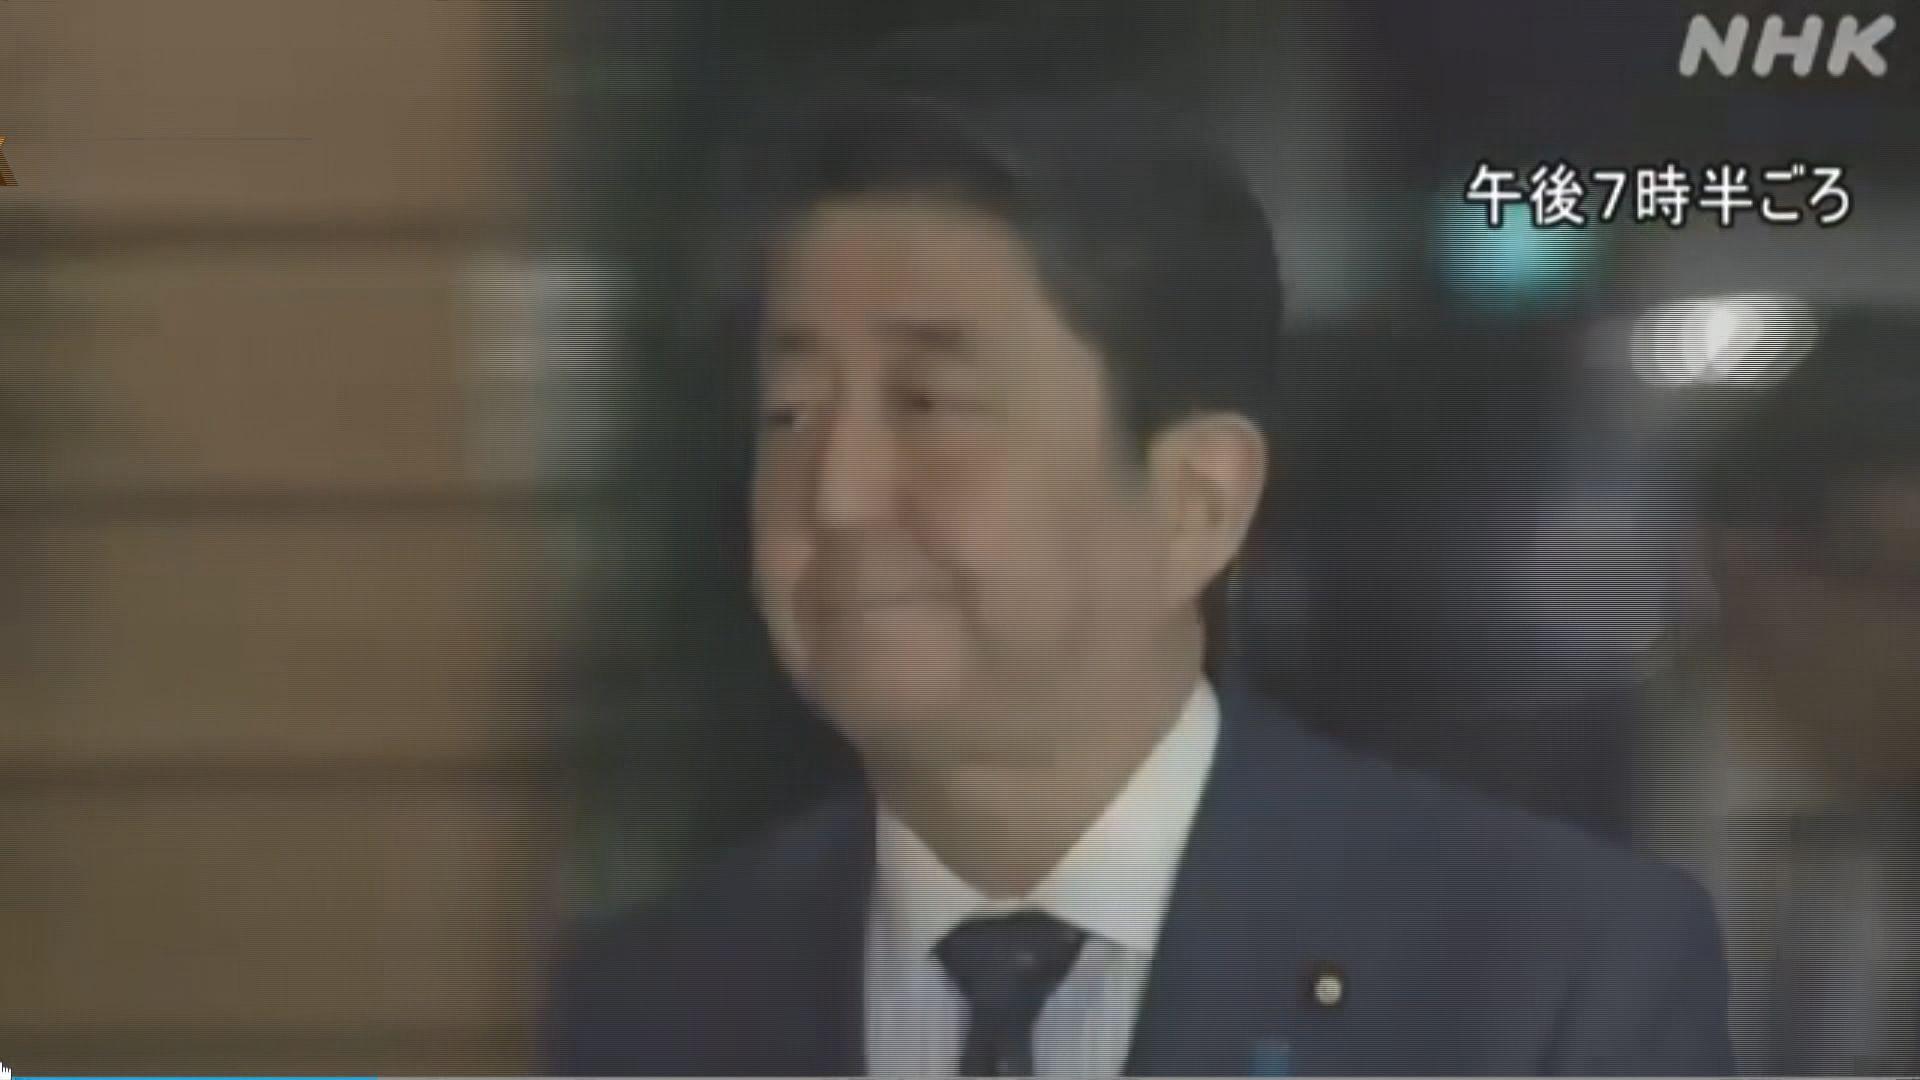 日本和國際奧委會同意東京奧運押後一年